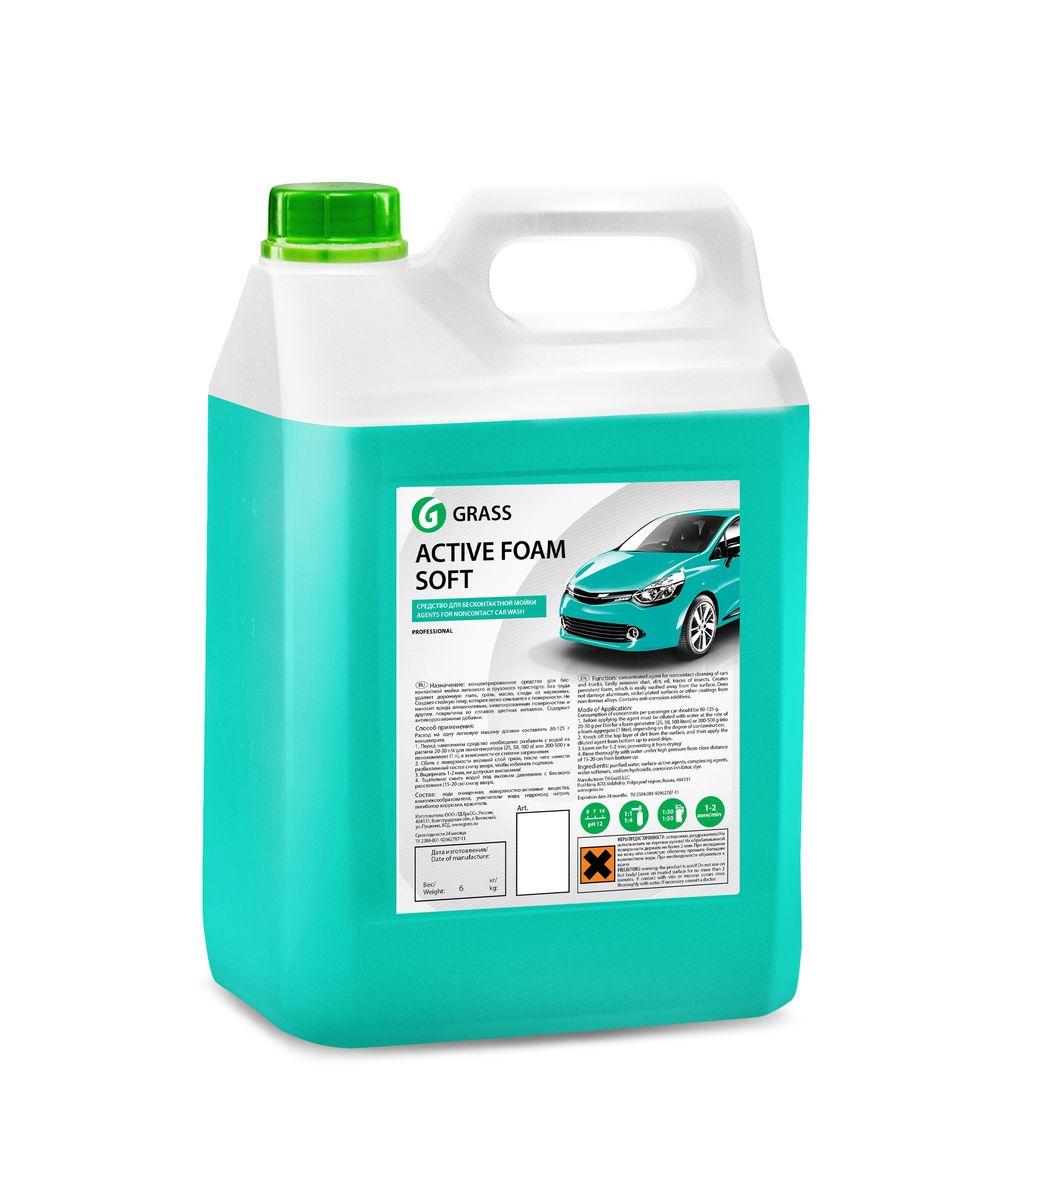 Активная пена Grass Active Foam Soft, 5,8 кгRC-100BWCАктивная пена Grass Active Foam Soft - это концентрированное средство для беcконтактной мойки легкового и грузового транспорта. Не наносит вреда алюминиевым, никелированным поверхностям и другим покрытиям из сплавов цветных металлов. Содержит антикоррозионные добавки. Перед нанесением средство необходимо разбавить с водой из расчета 1:30-1:50 (20-30 г/л) для пеногенератора (25, 50, 100 л) или 1:1-1:4 (200-500 г) в пенокомплект (1 л). Товар сертифицирован.